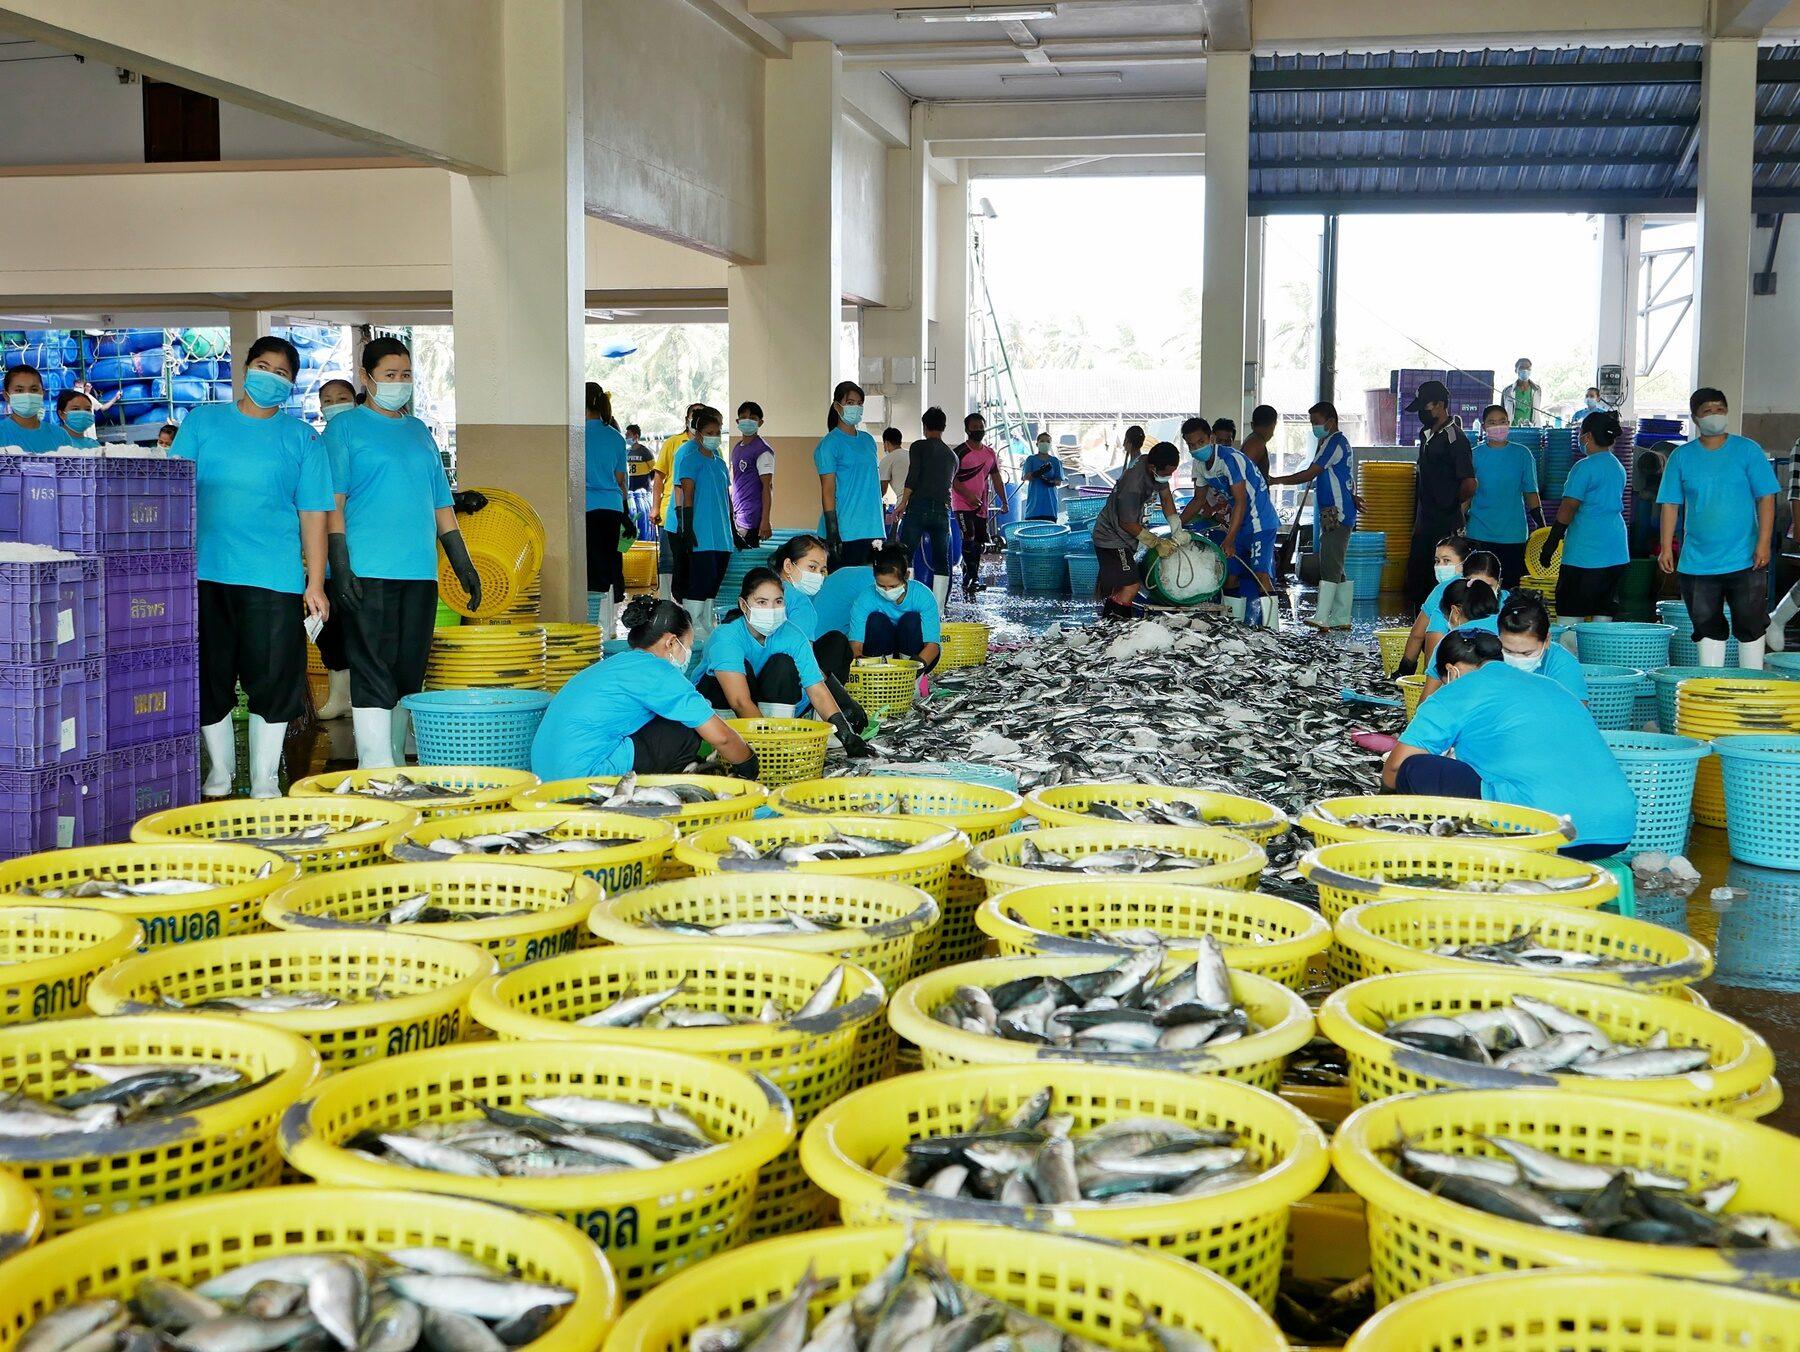 แพปลา'ระนอง'ผุดไอเดีย  ชงรัฐสร้างห้องเย็นไซซ์ใหญ่  พยุงสินค้าทะเลไทยฝ่าวิกฤต